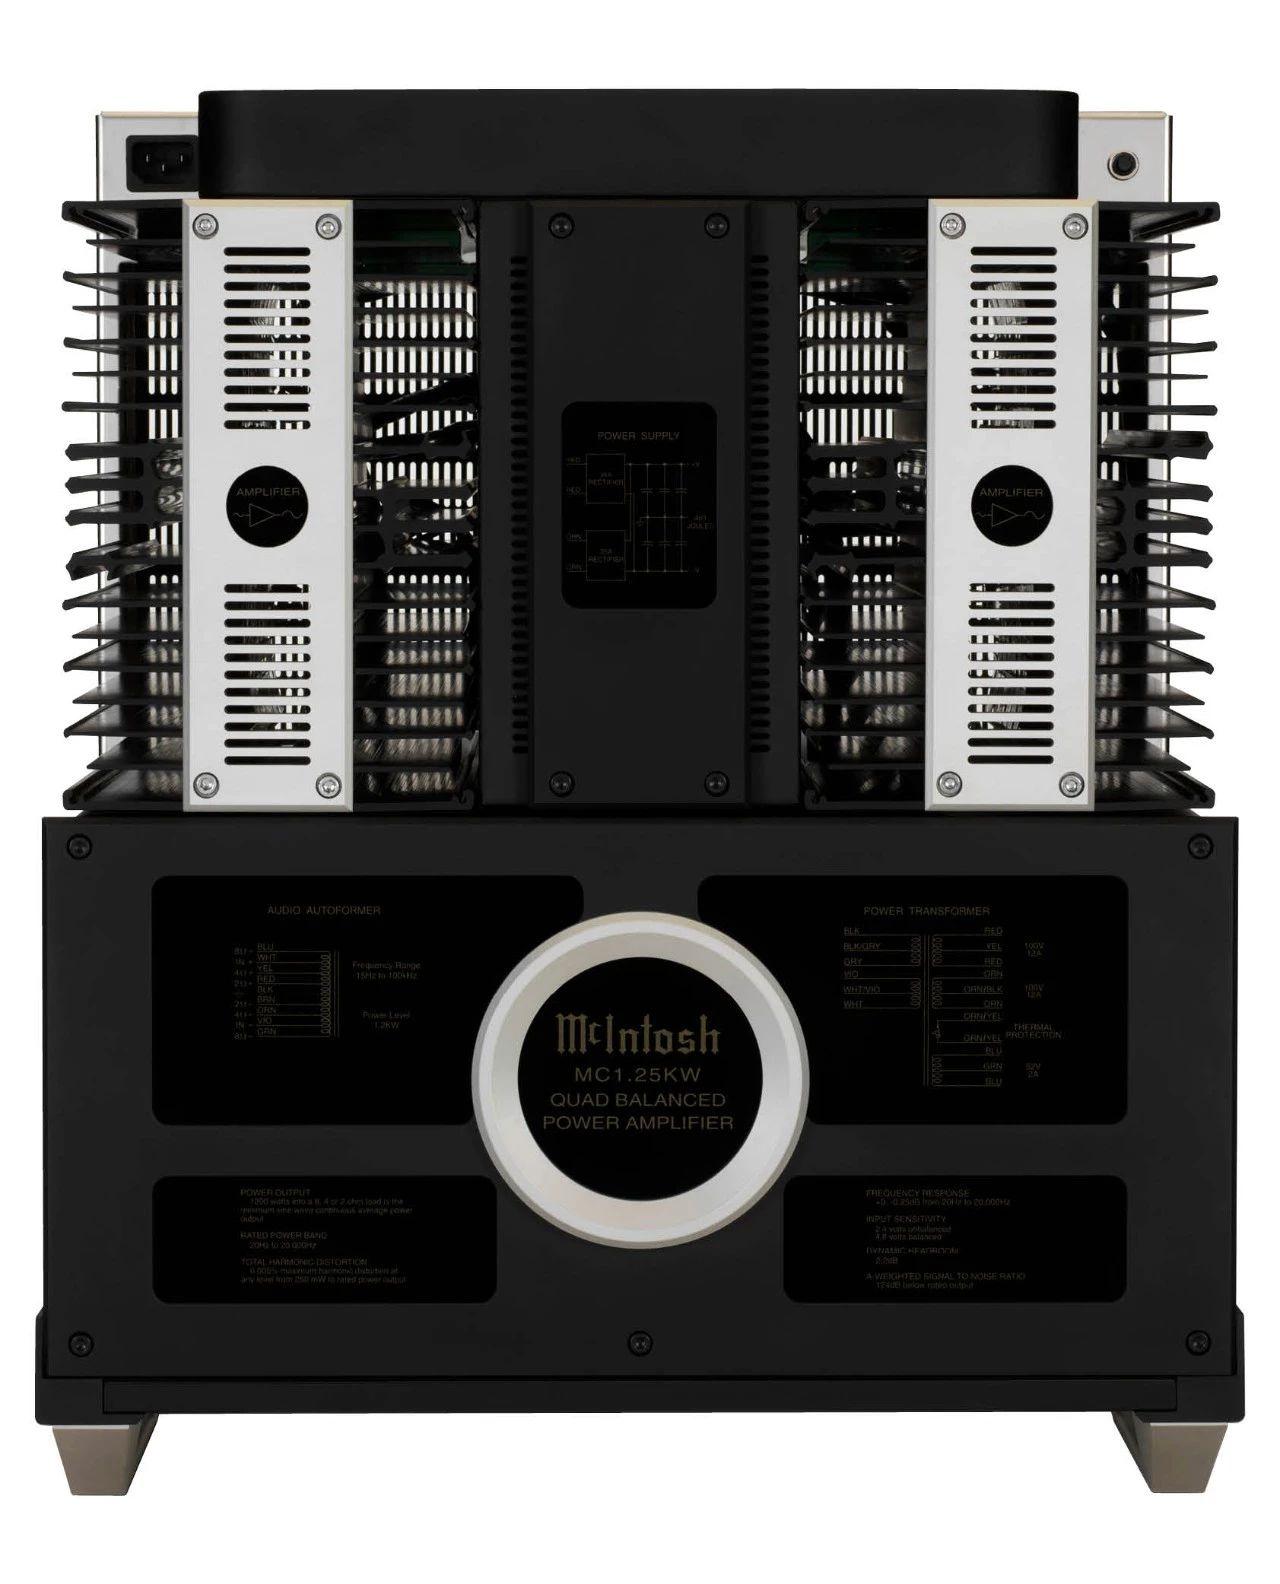 640 12 - 推荐 | McIntosh美国麦景图 MC1.25KW 极品级1200瓦单声道后级放大器